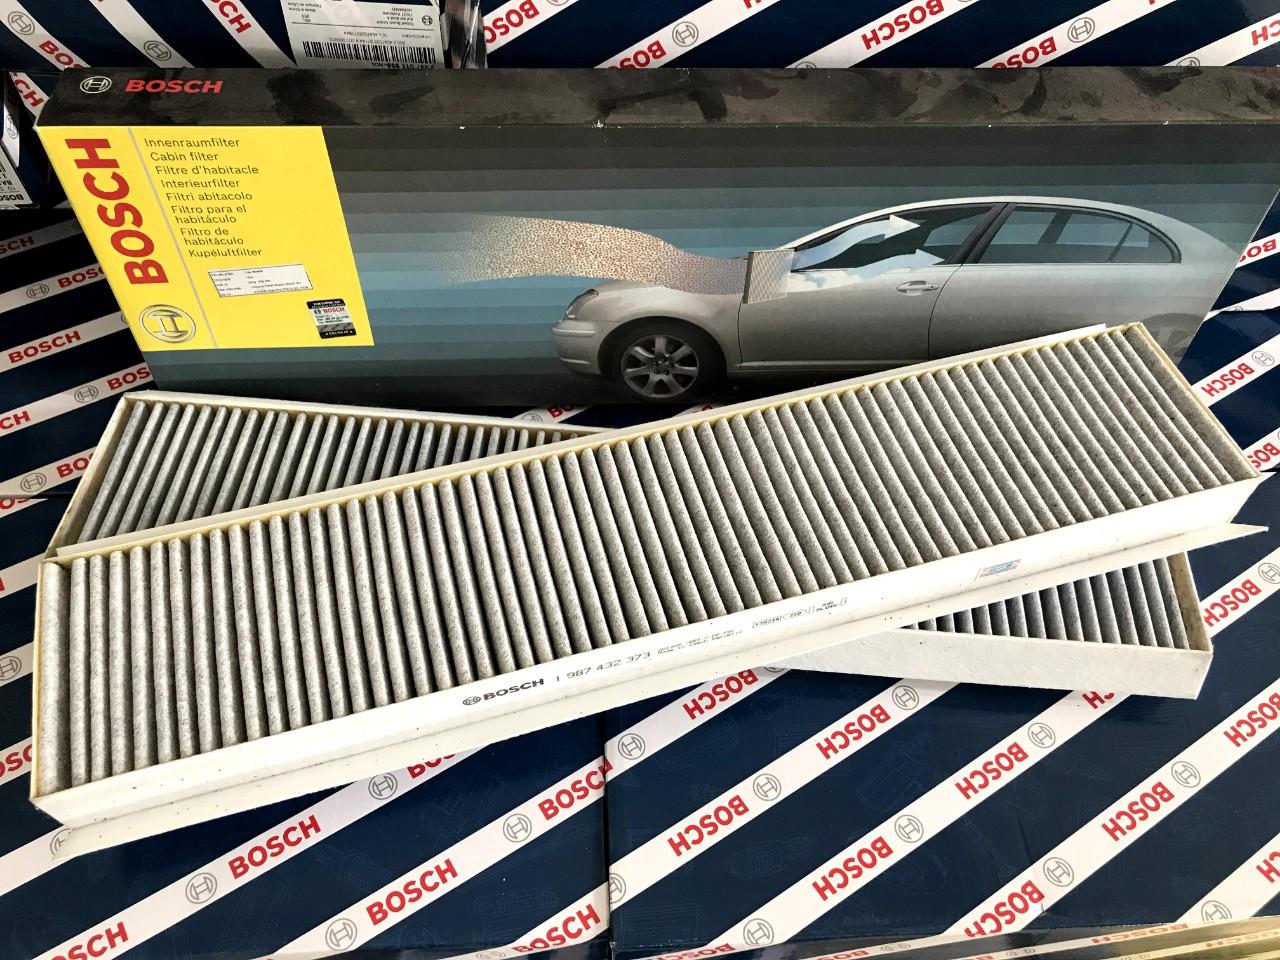 Lọc Điều Hòa Bosch R2373 - Ford Mondeo 2.0/2.5/3.0  00-07